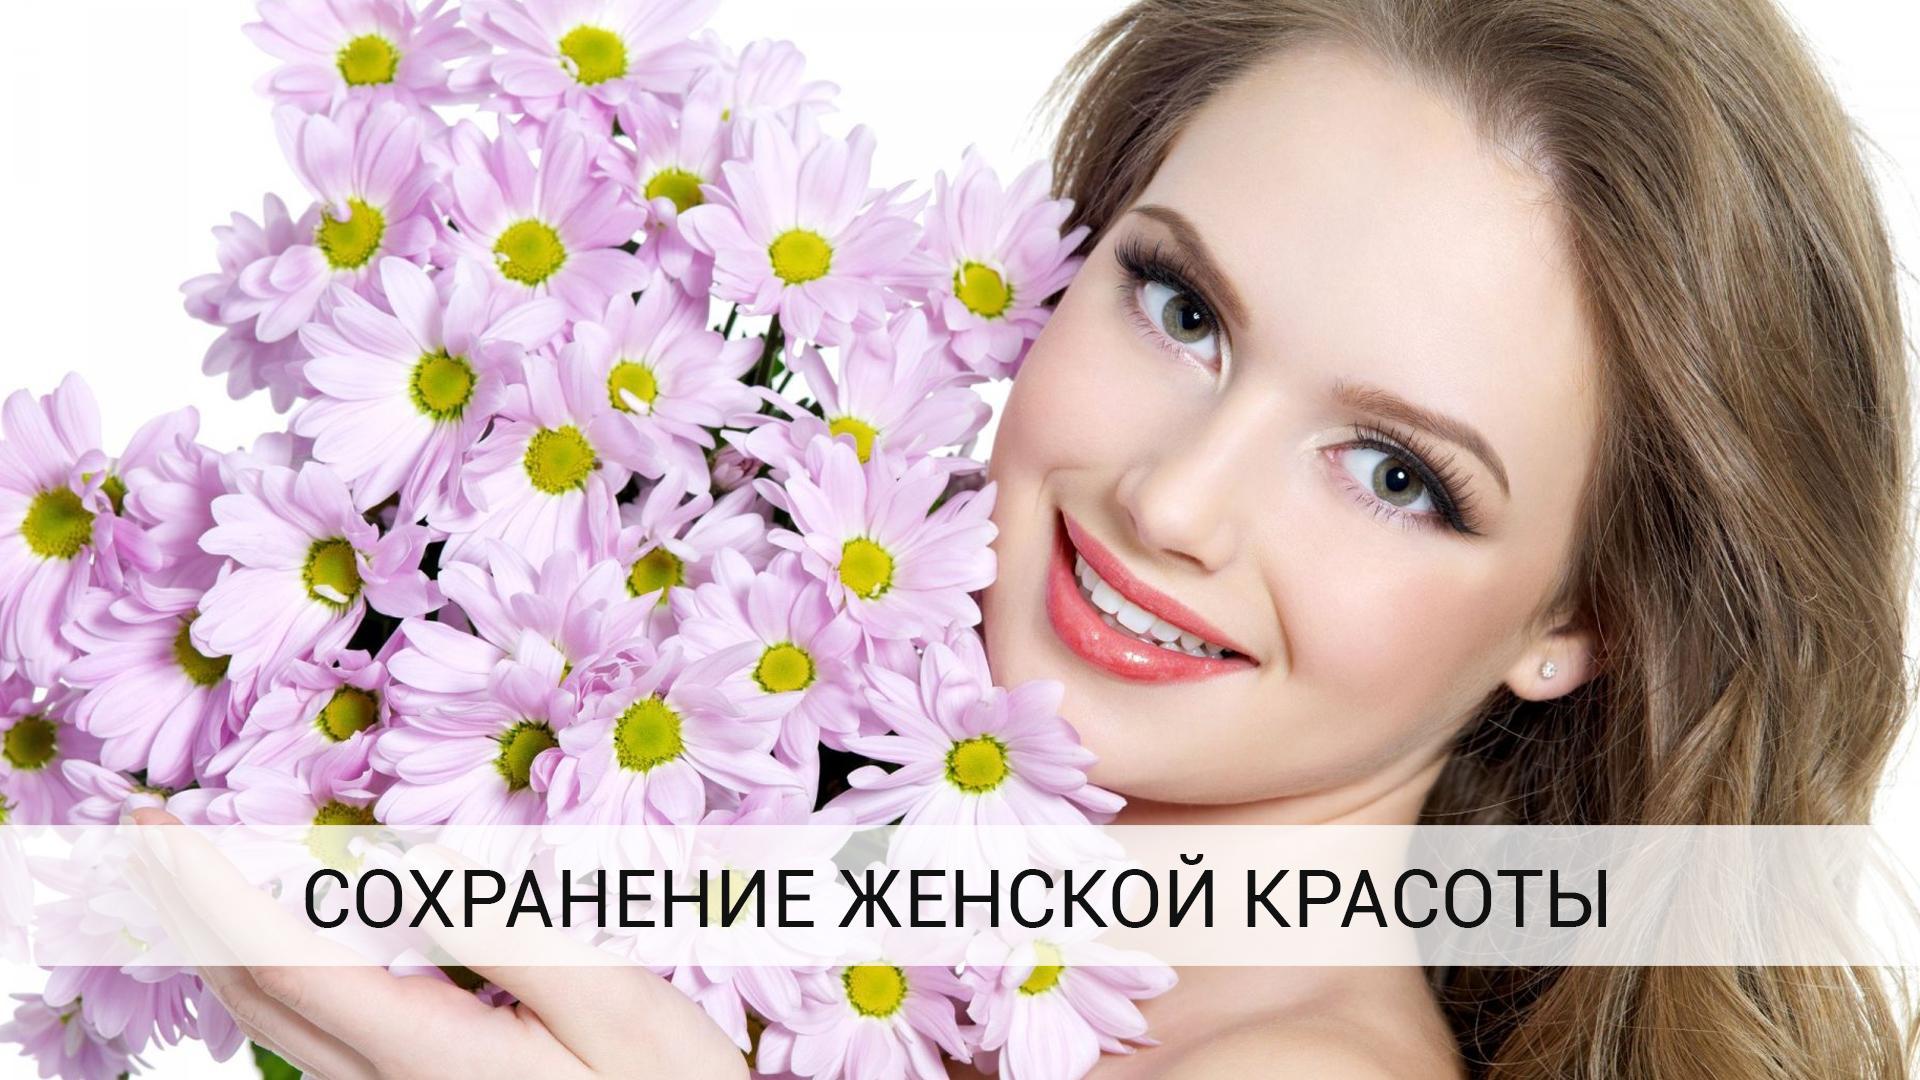 24-супер-средства-для-сохранения-женской-красоты